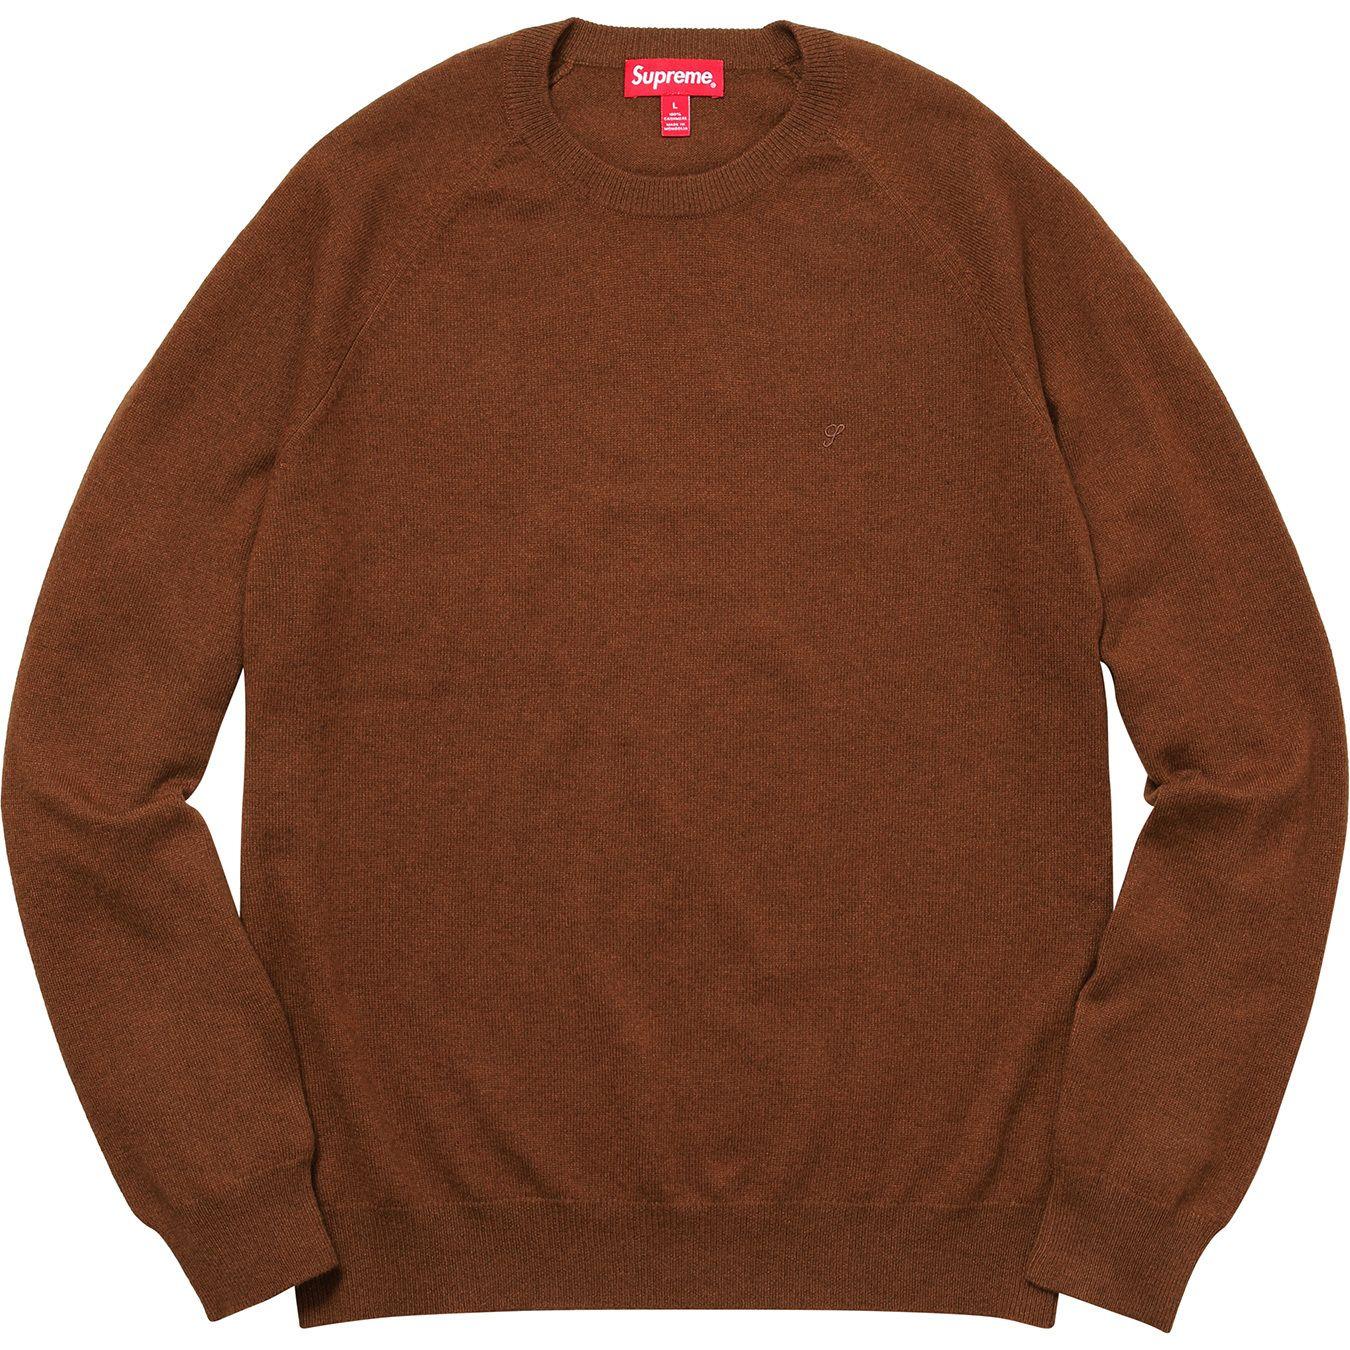 Supreme Cashmere Sweater Brown Supreme Cloth Brown Sweater Sweaters Cashmere Sweaters [ 1350 x 1350 Pixel ]